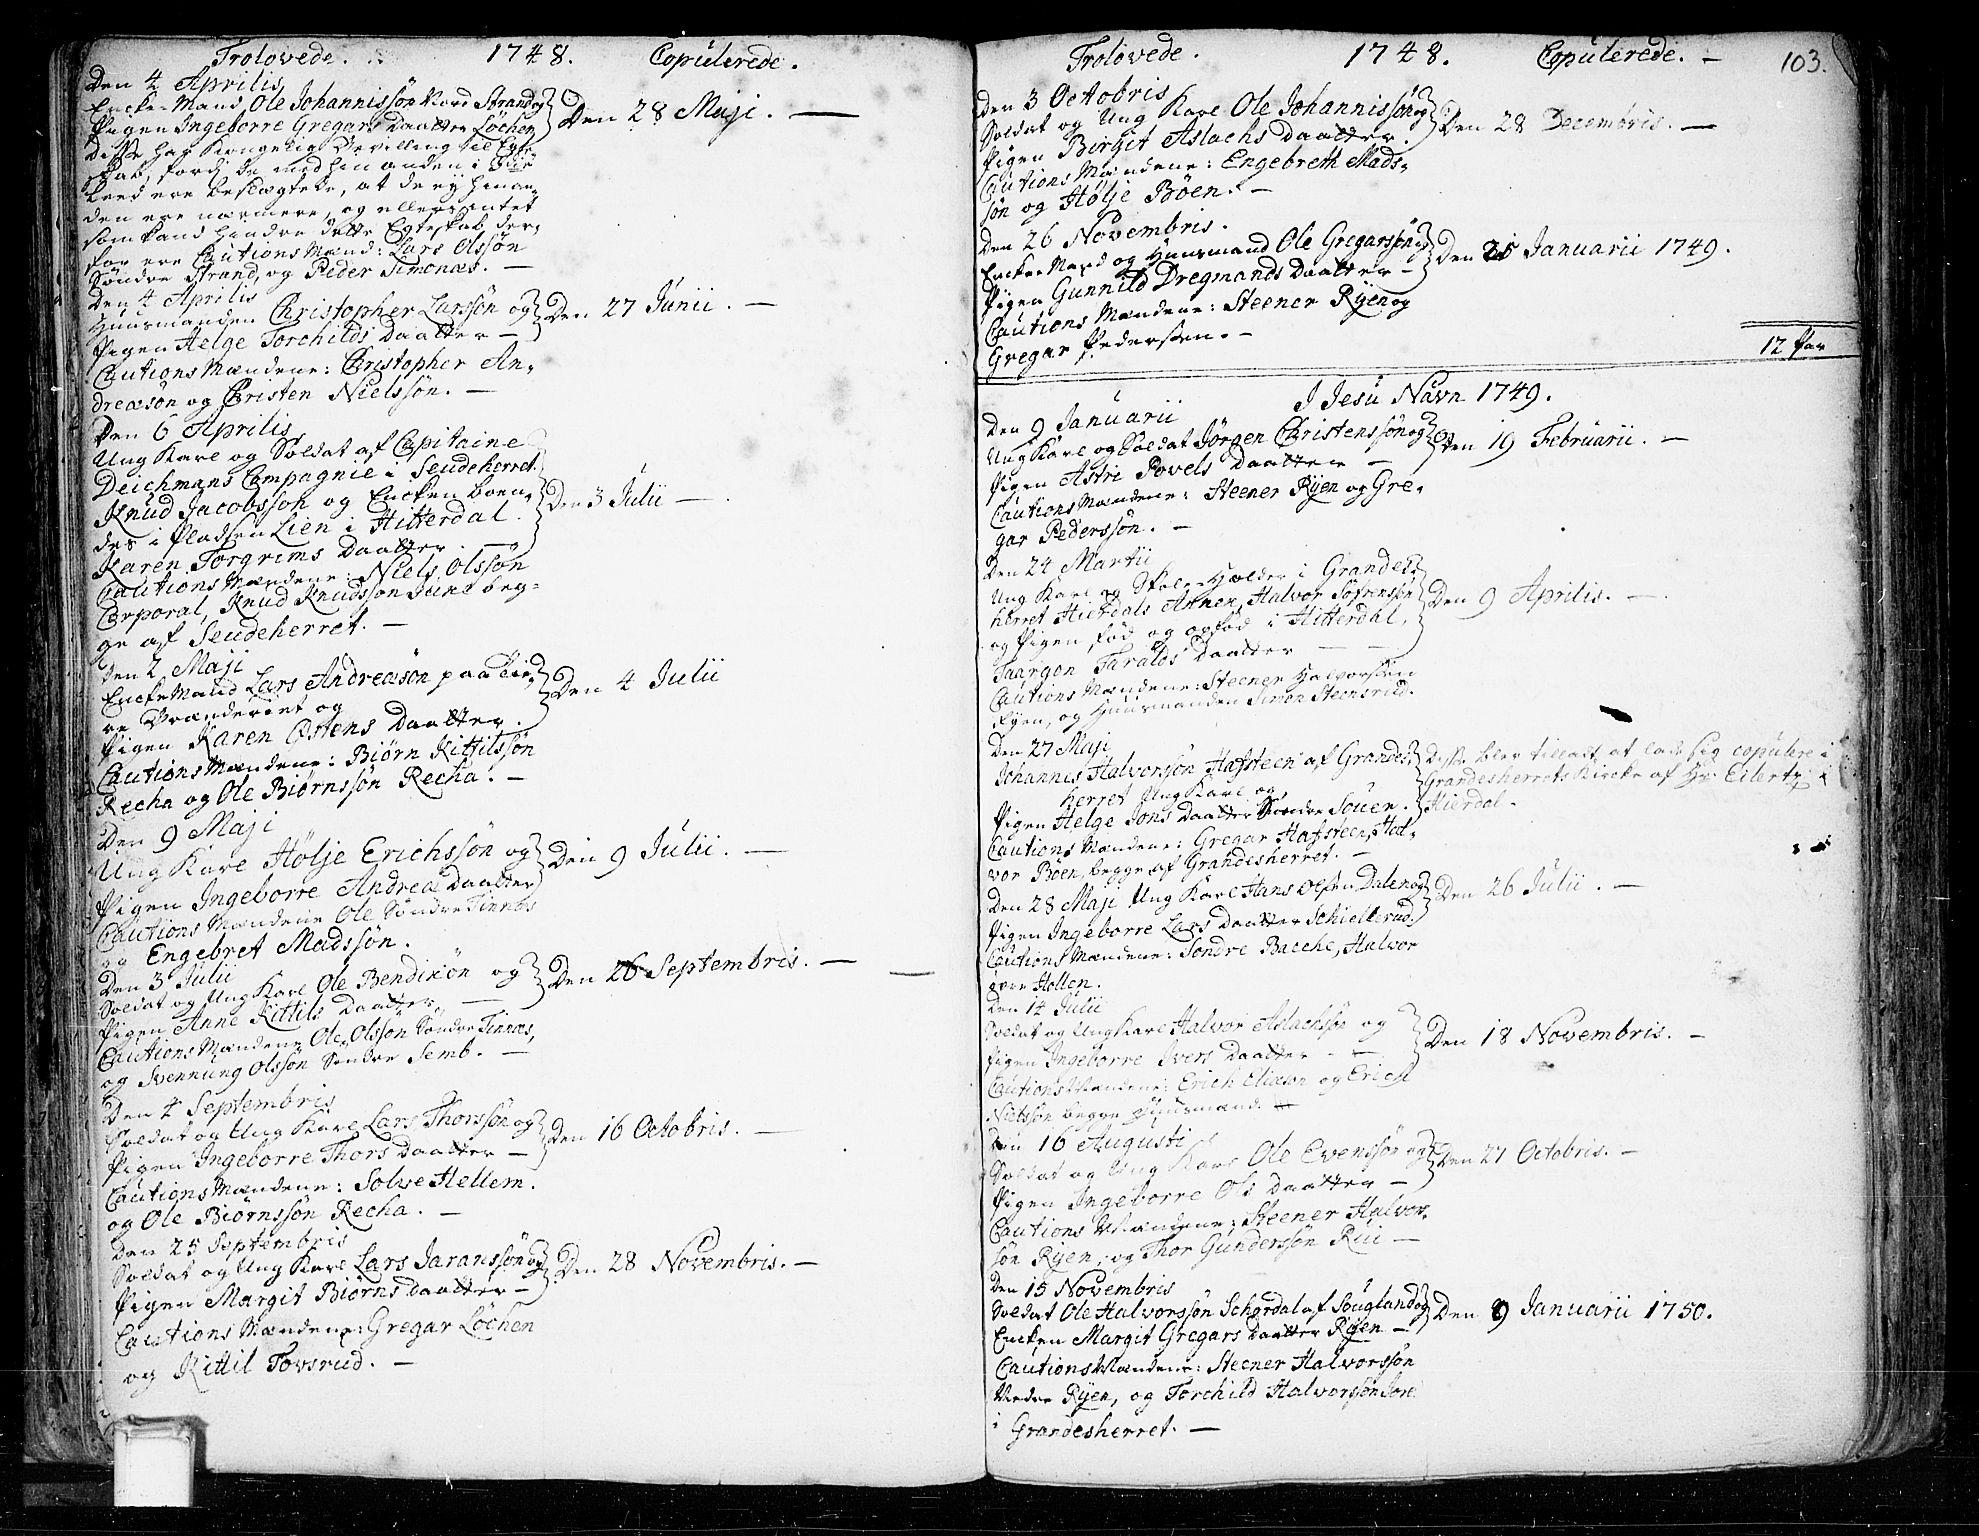 SAKO, Heddal kirkebøker, F/Fa/L0003: Ministerialbok nr. I 3, 1723-1783, s. 103